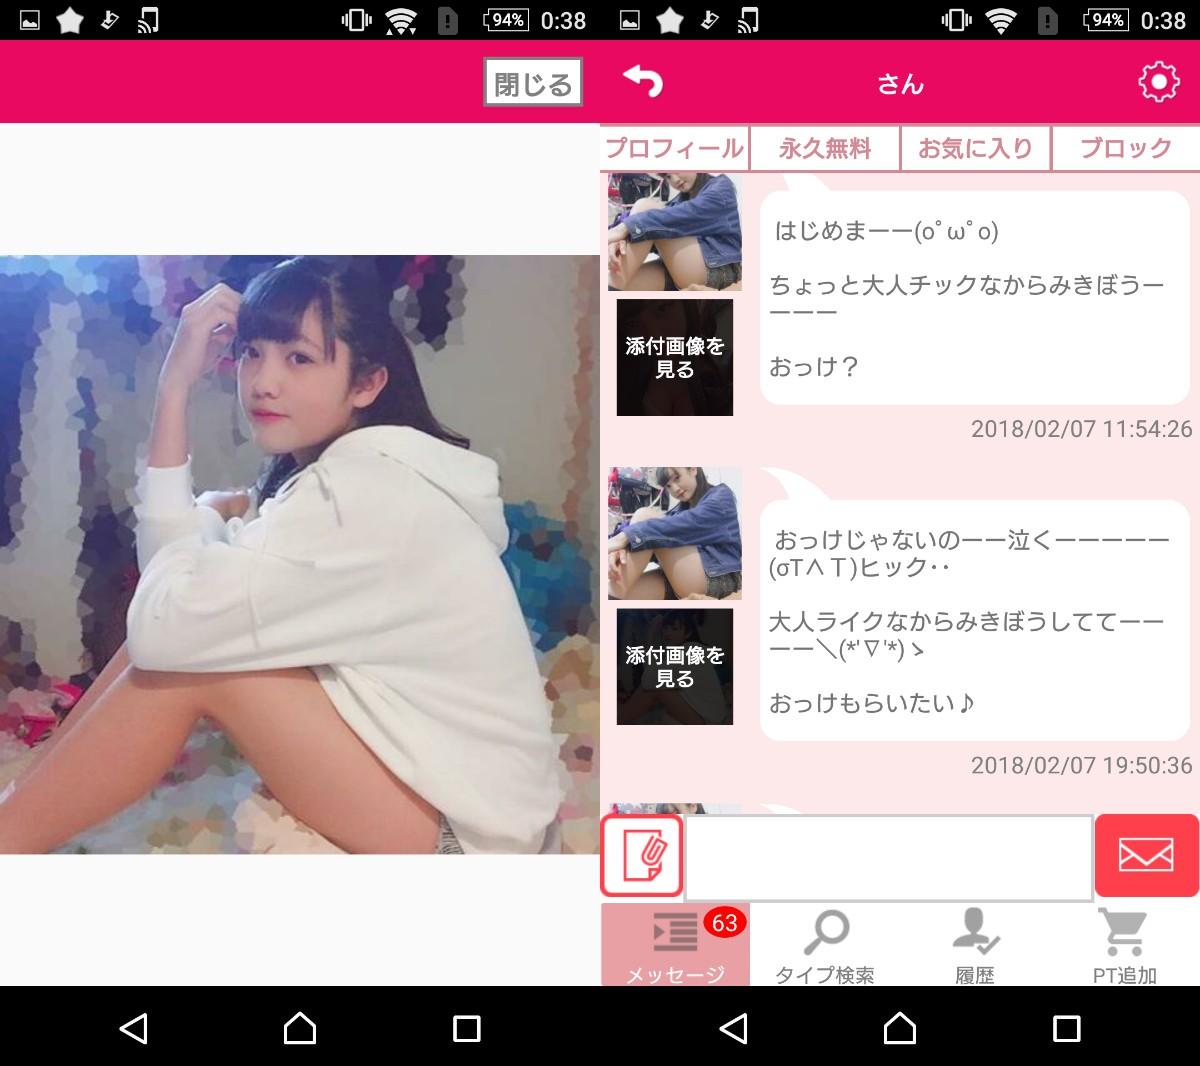 悪質サクラ詐欺!Love Search婚活マッチングアプリのサクラ画像